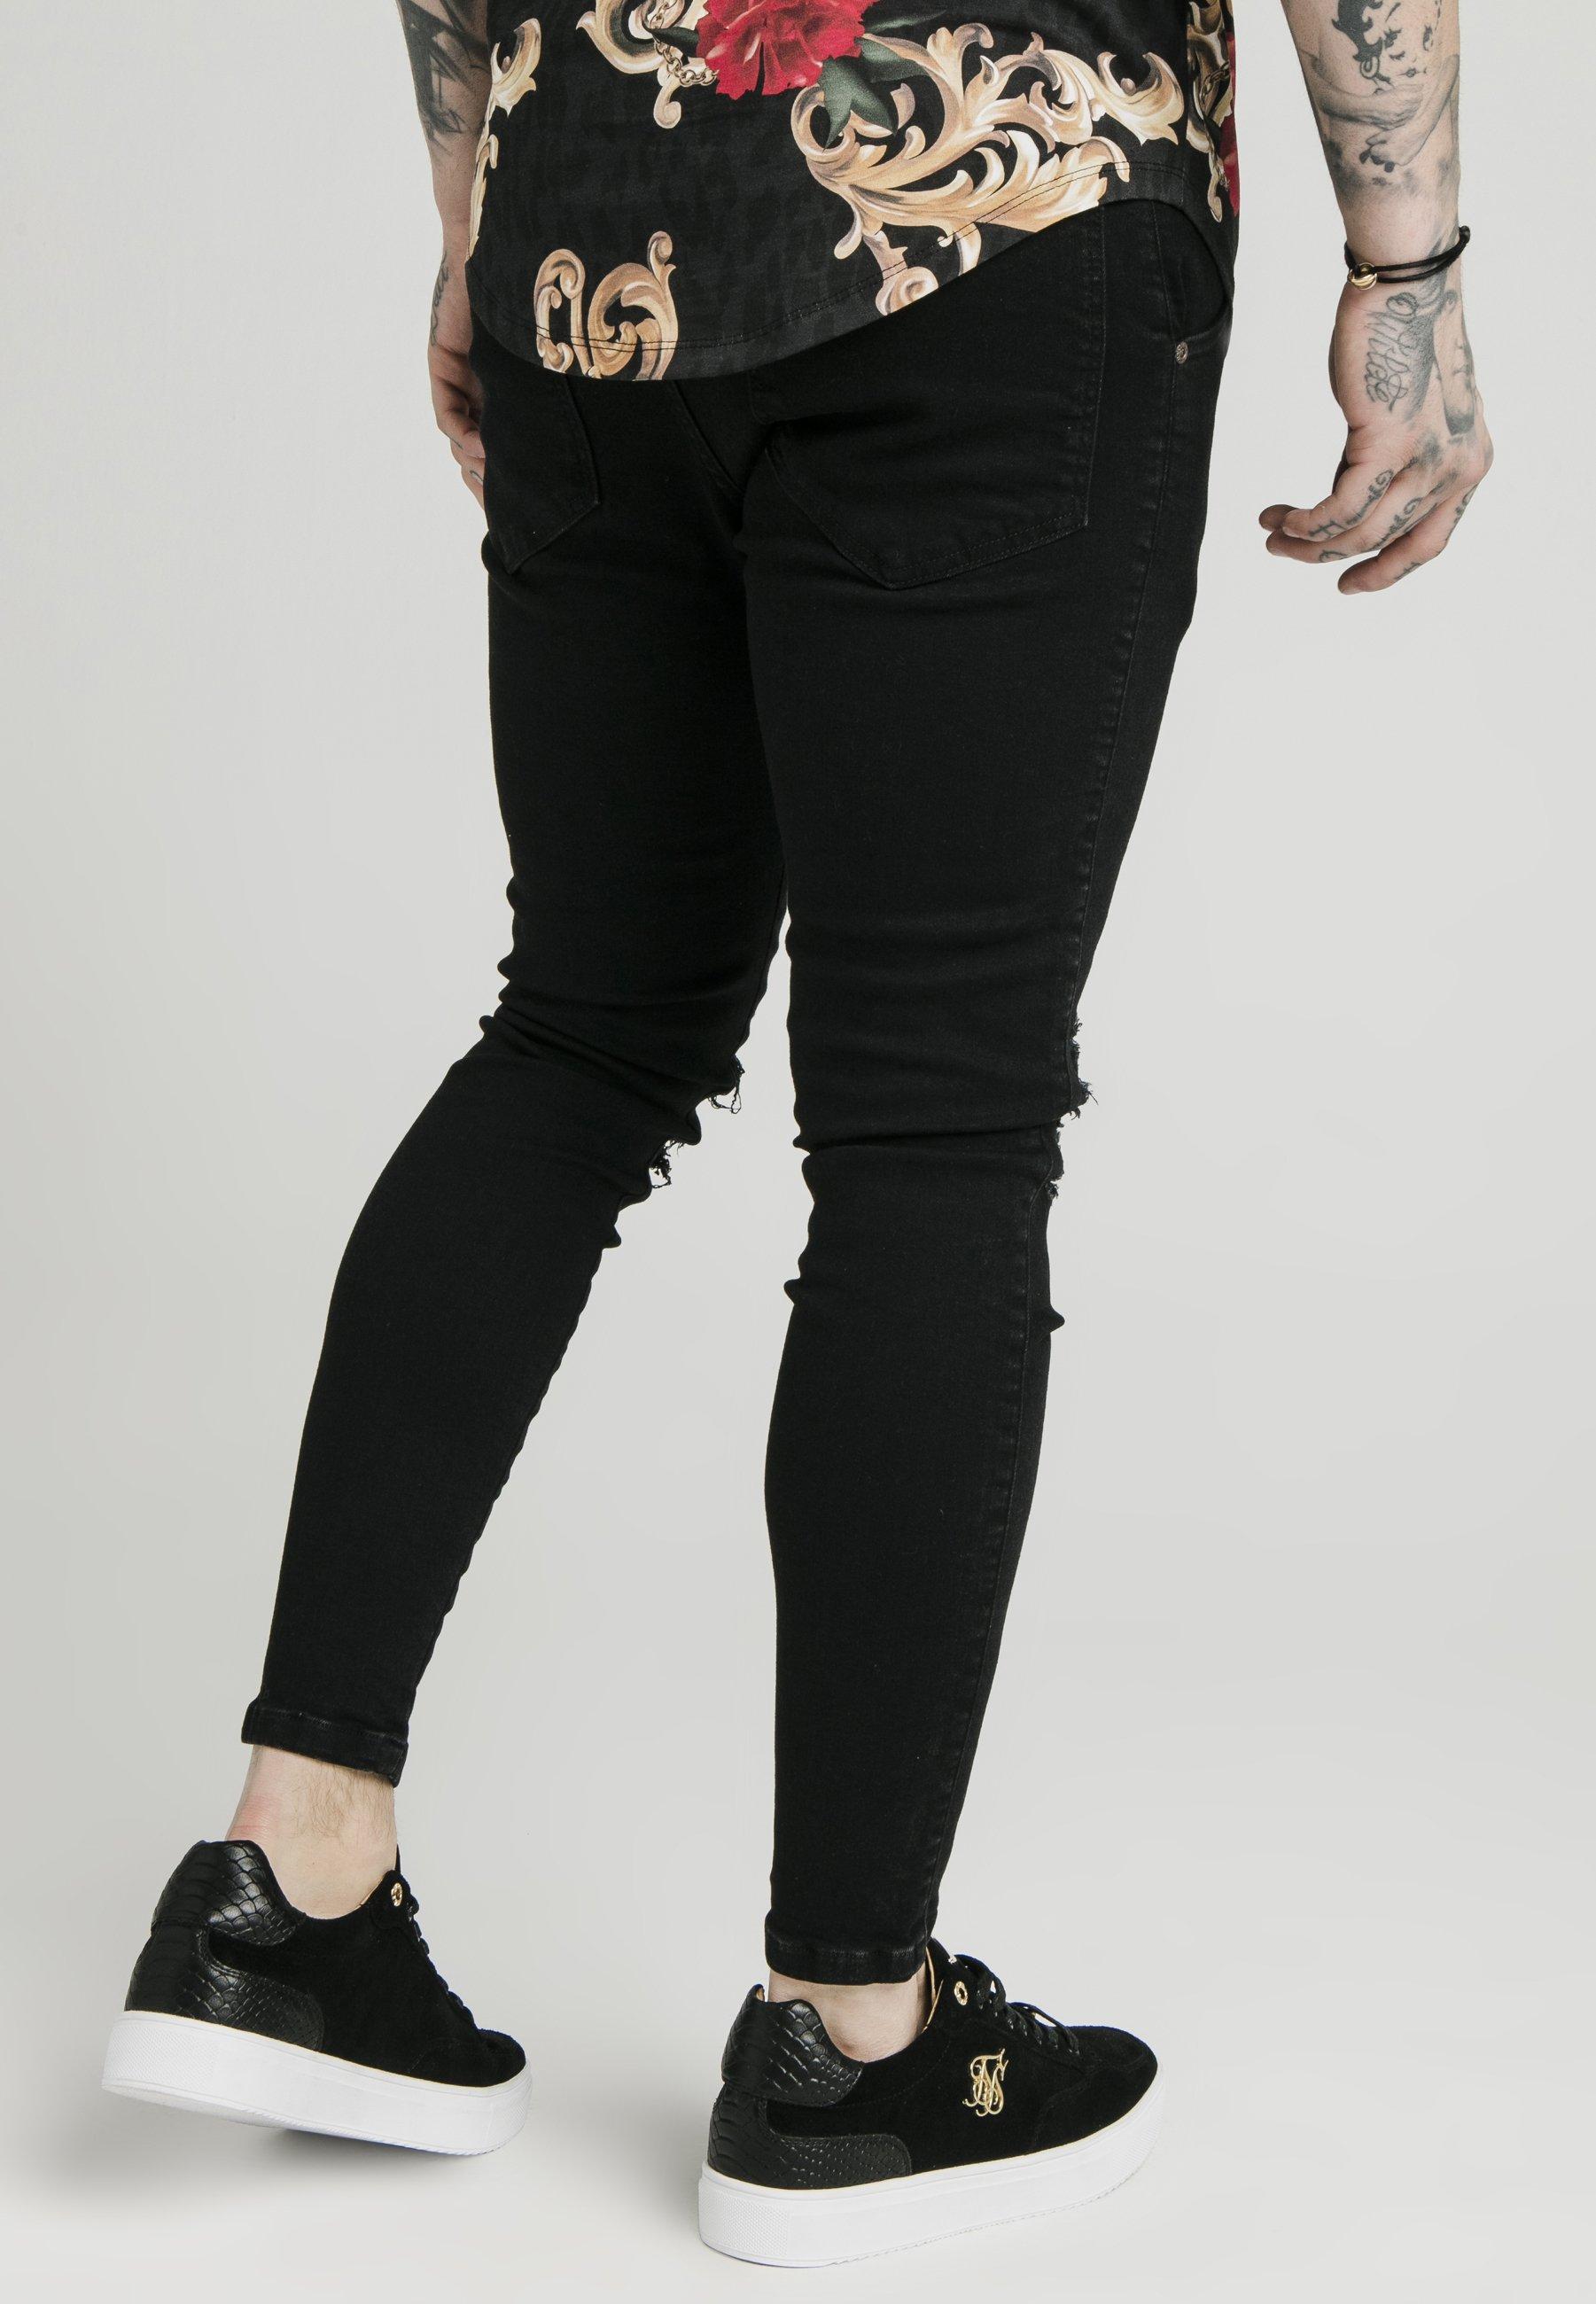 Siksilk Skinny AlvesJeans Dani AlvesJeans Skinny Black Black Siksilk Dani WH9ED2I